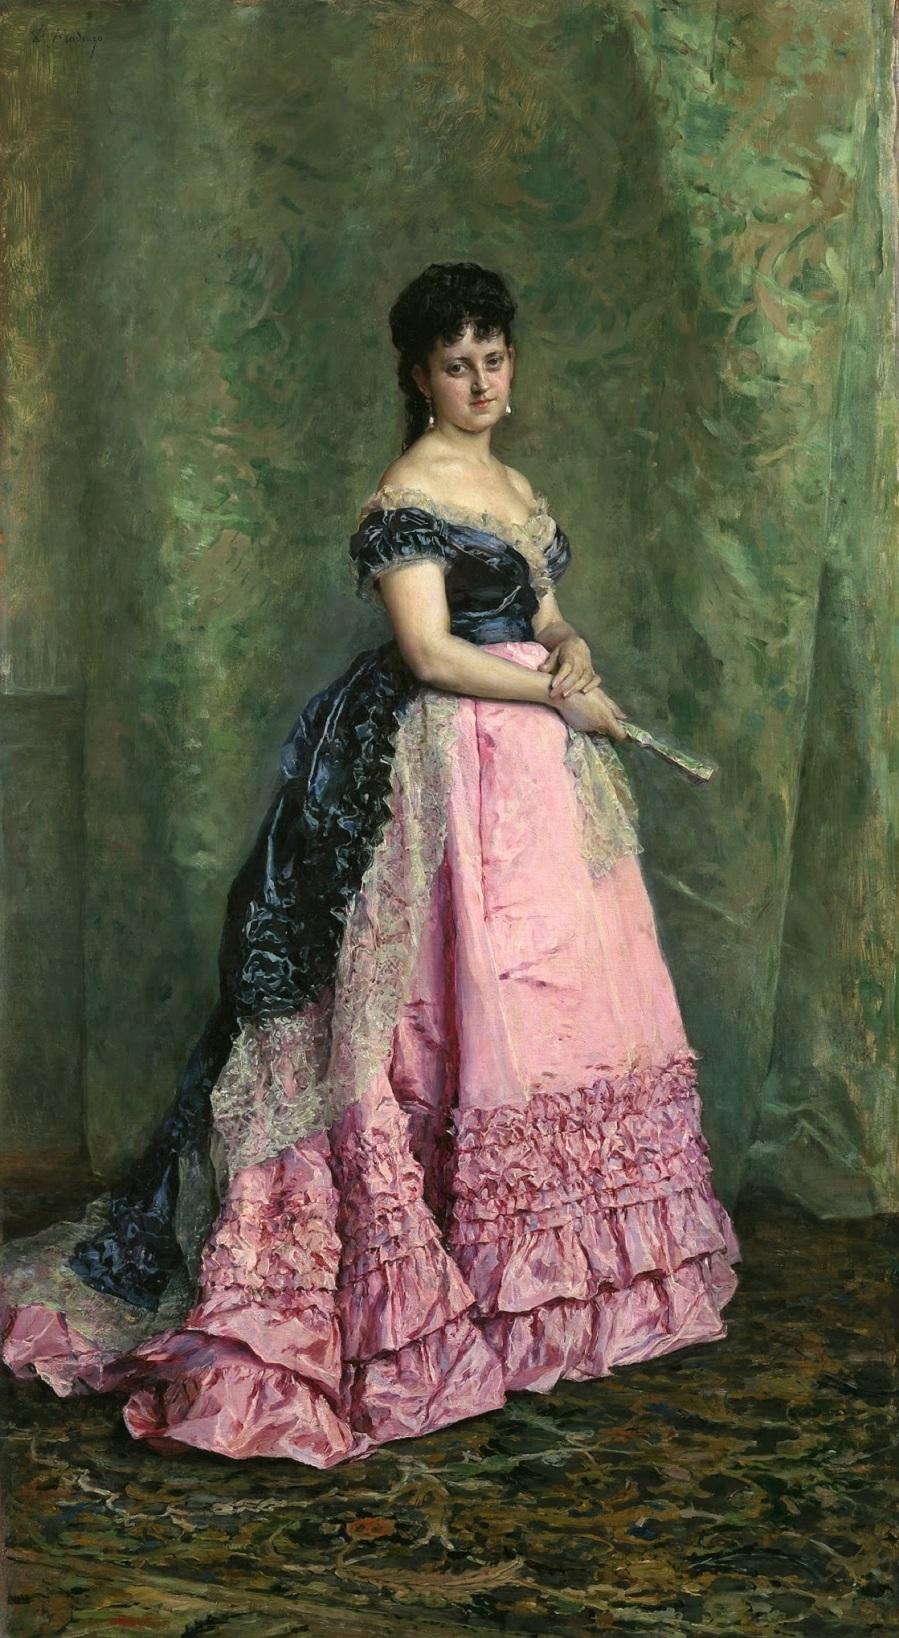 1875-1880_Портрет Мануэлы де Эррацу (Manuela de Errazu)_114 х 61_х.,м._Мадрид, музей Прадо.jpg